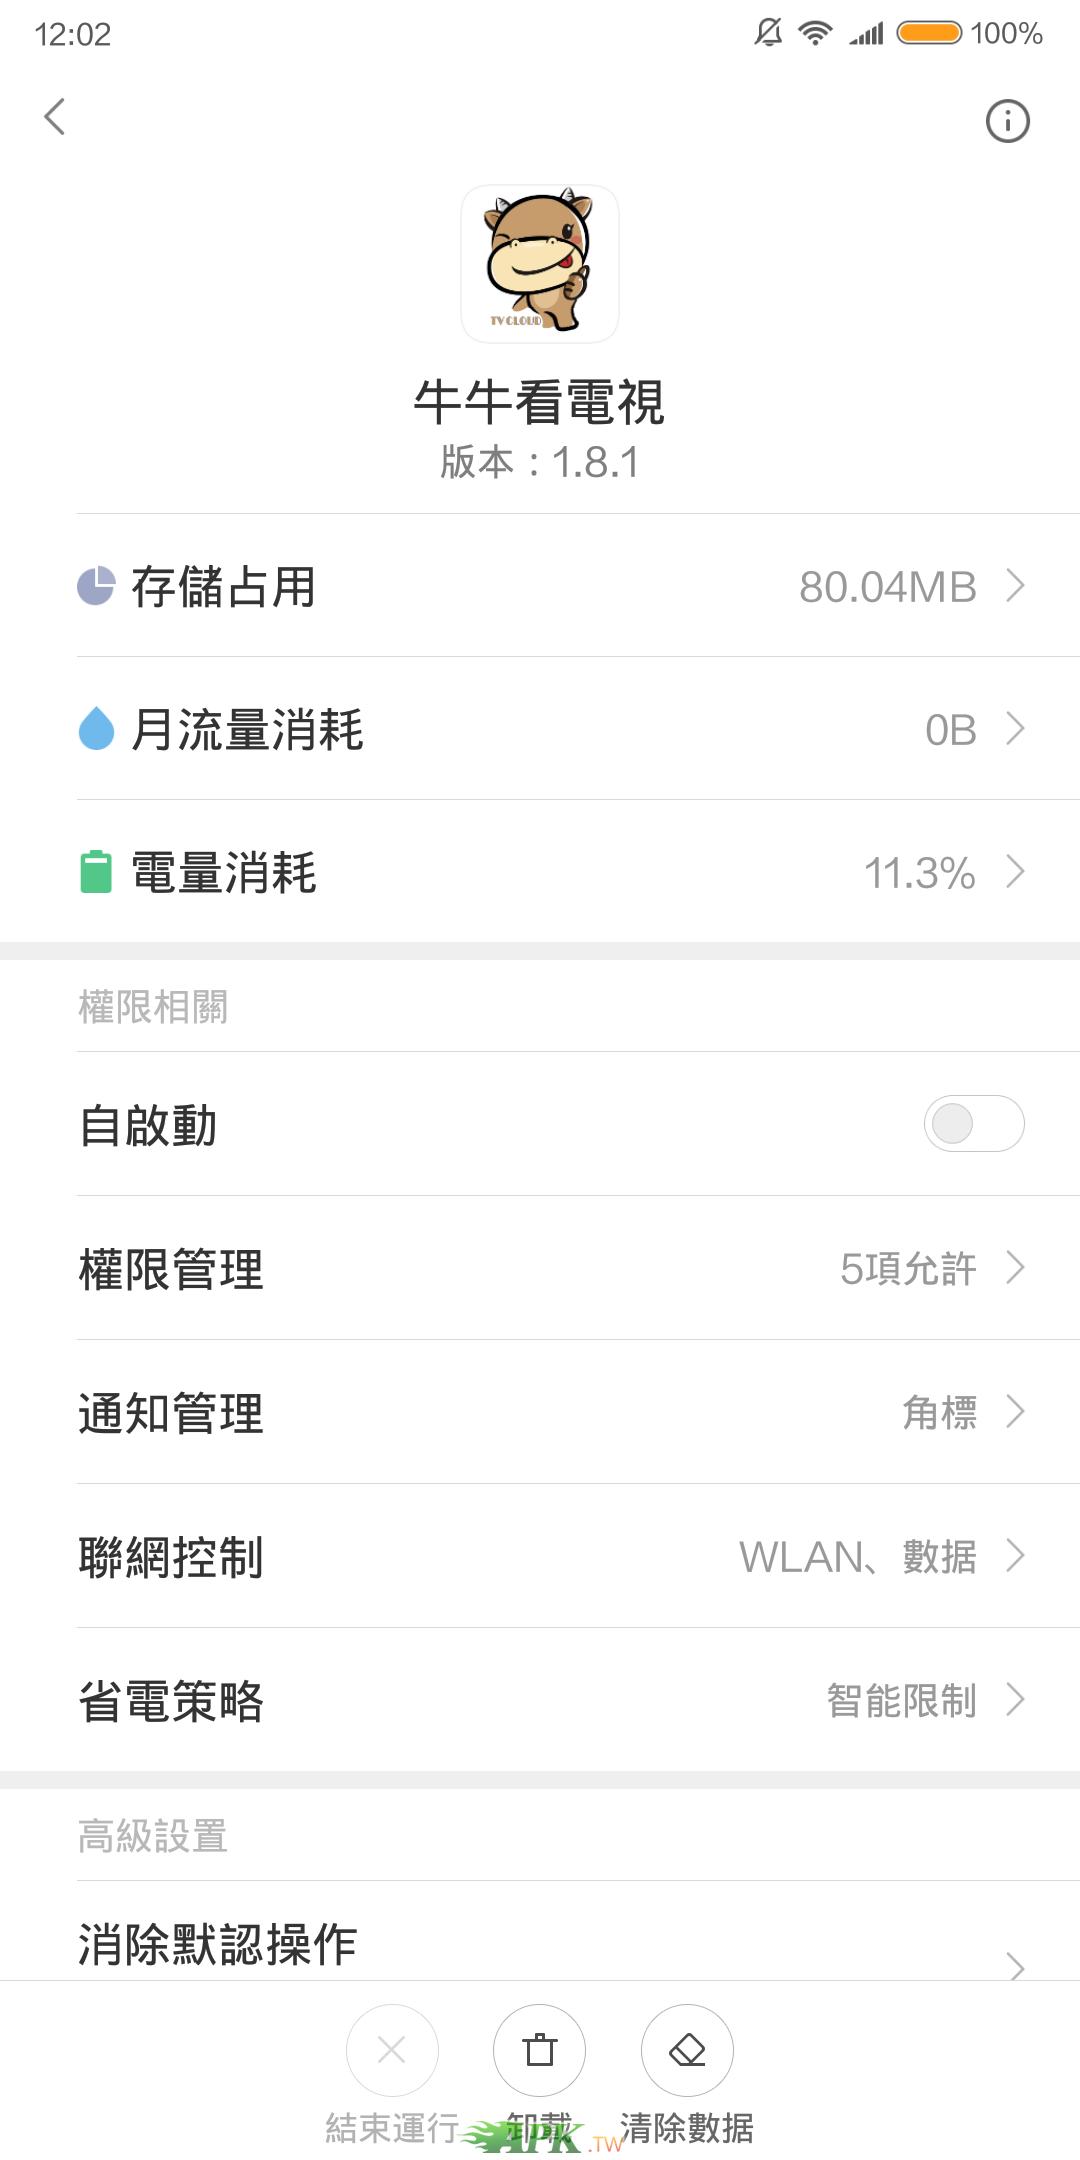 Screenshot_2018-05-16-12-02-24-295_com.miui.securitycenter.png